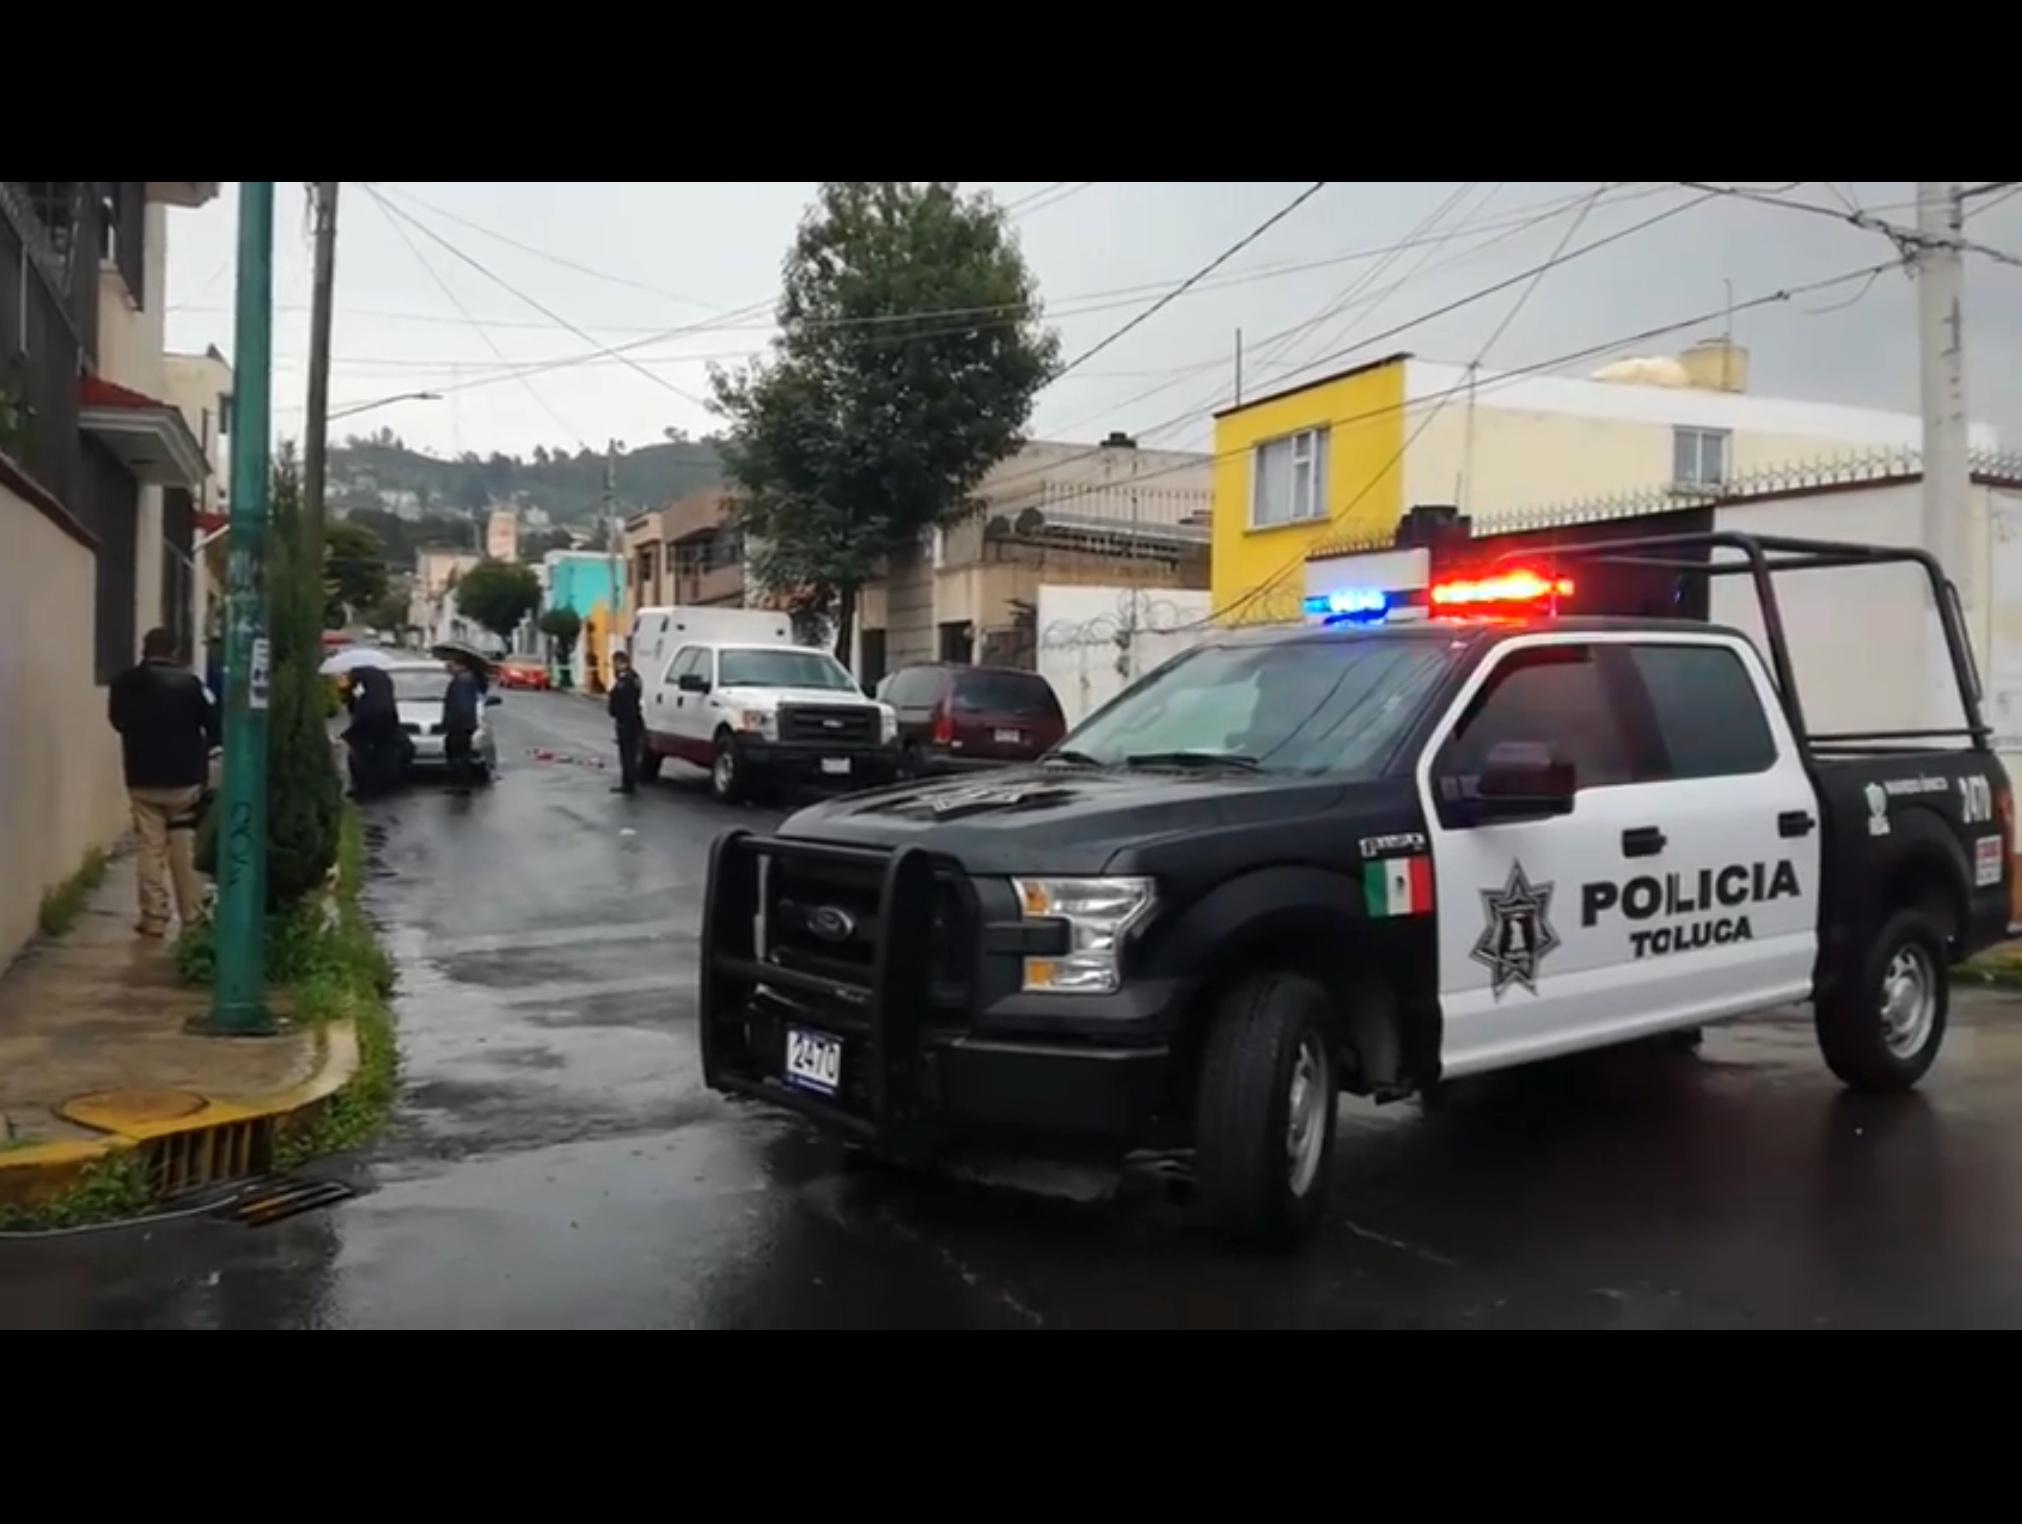 A balazos, asesinan a hombre en Toluca